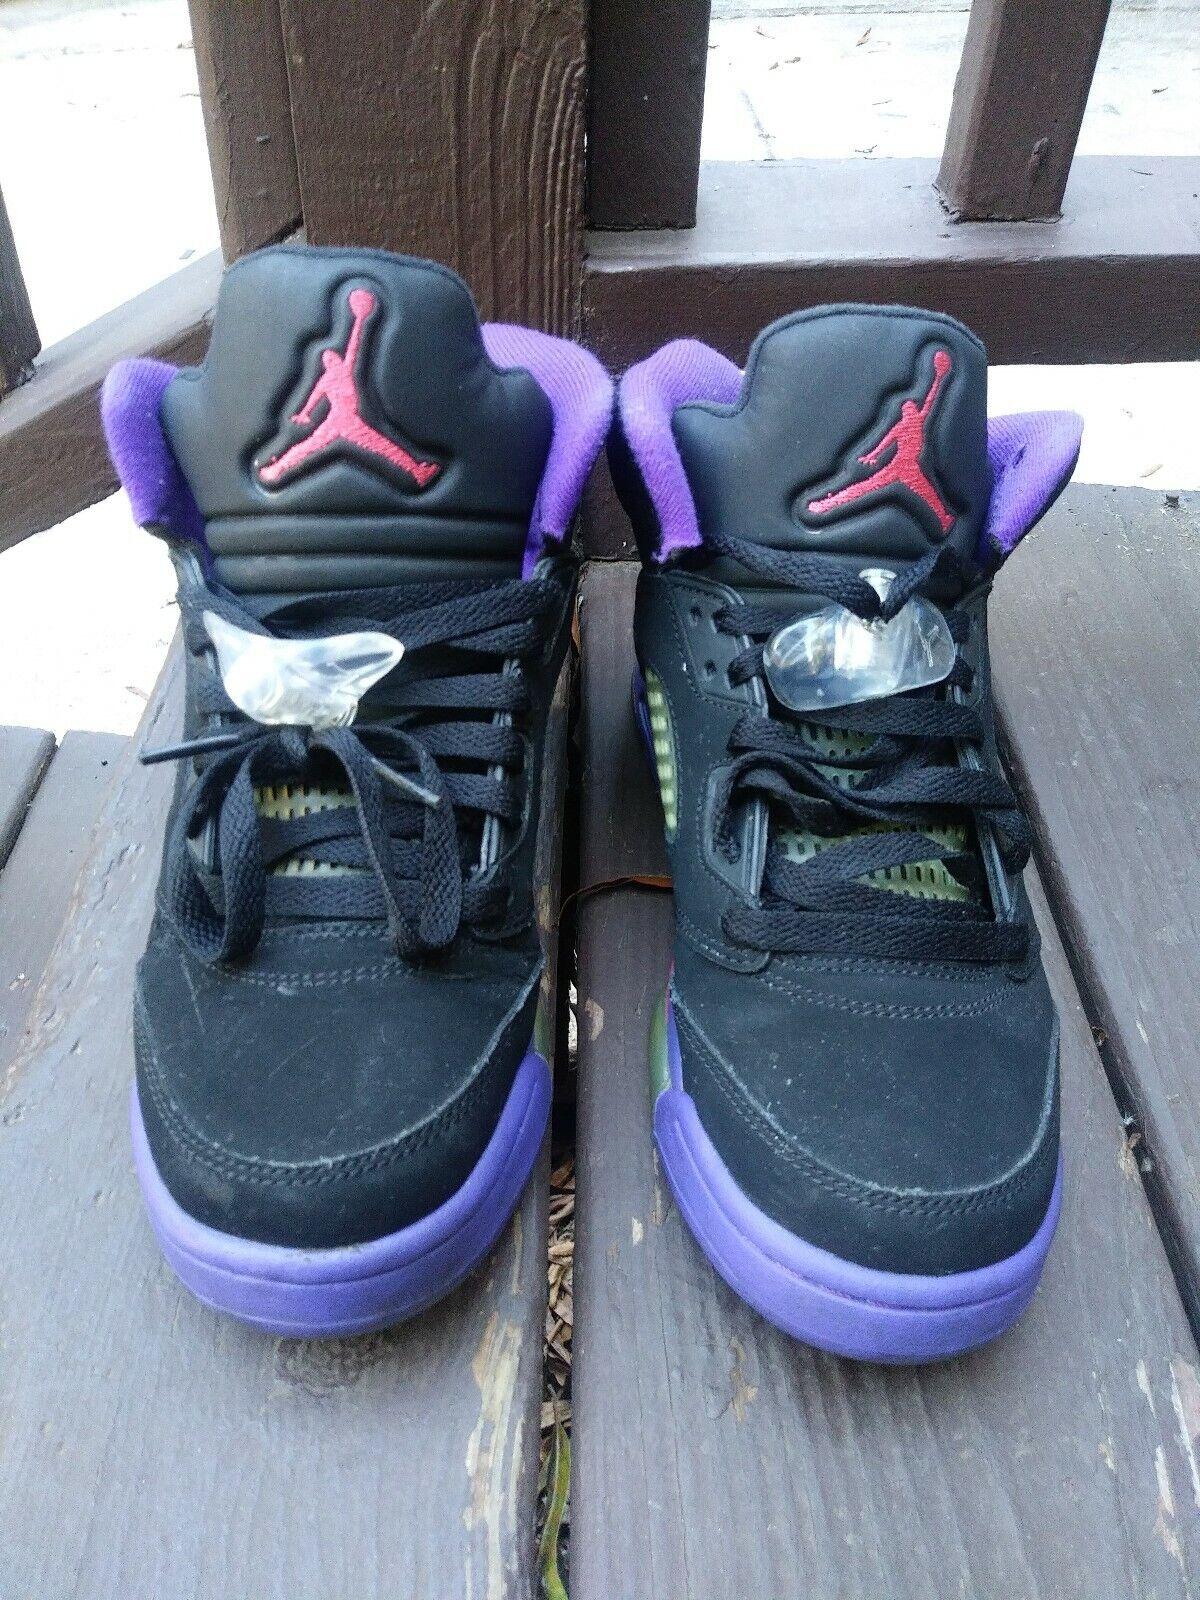 Air Jordan Retro 5 GG Raptors Size 7y